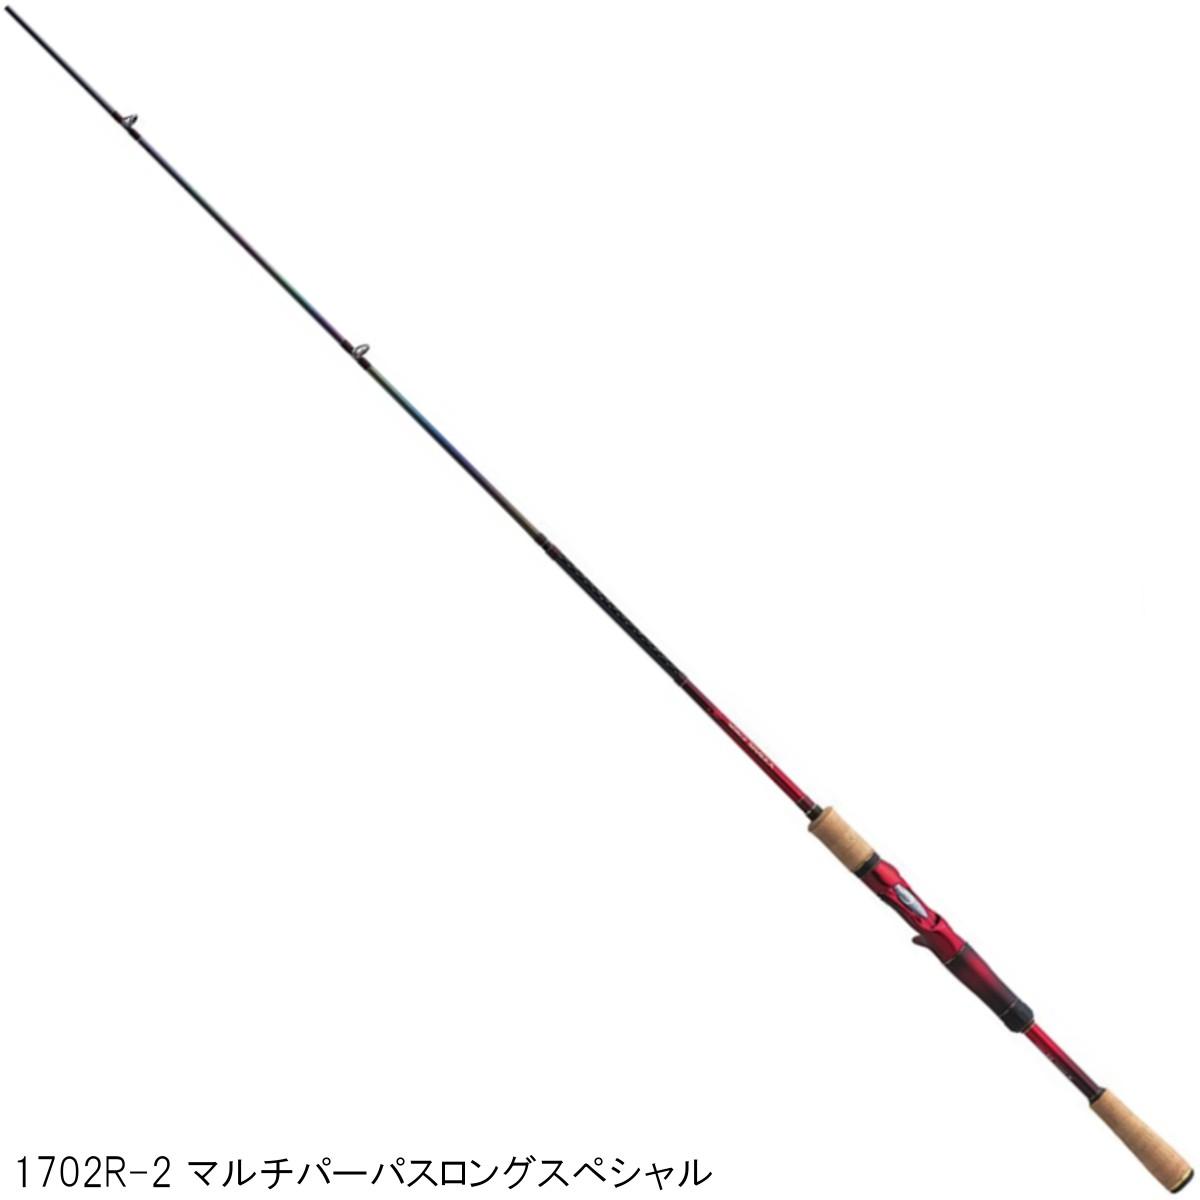 シマノ ワールドシャウラ (ベイト) 1702R-2 マルチパーパスロングスペシャル【送料無料】